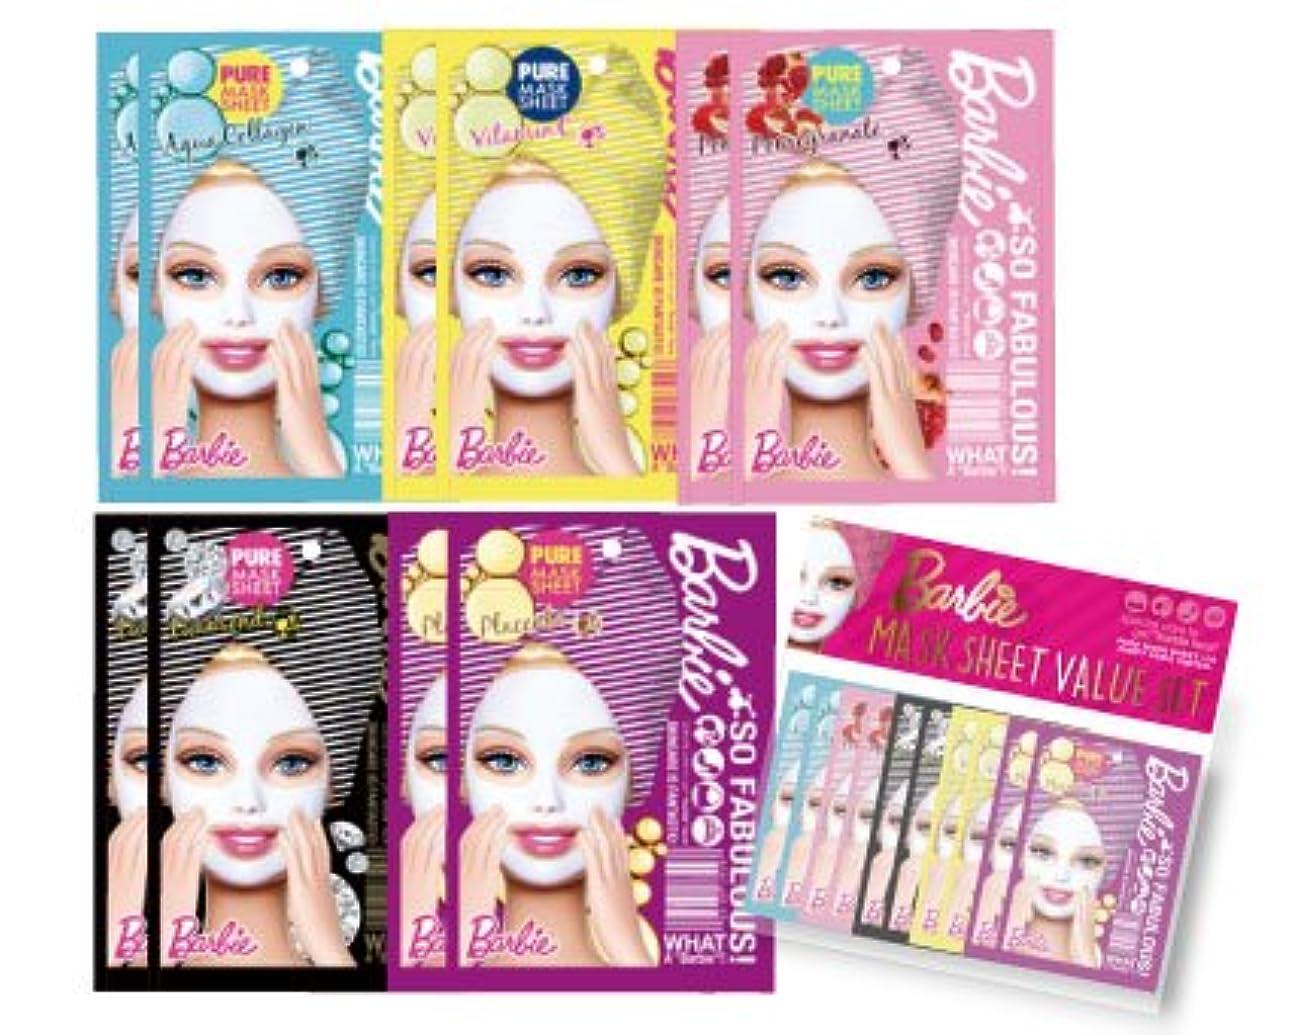 頭蓋骨有利強盗ヒューマンリンク バービー (Barbie) フェイスマスク バリューセット 25ml×10枚入り (コラーゲン/ビタミンC/ポメグラネート/ダイアモンド/プラセンタ) 顔 シートマスク [保湿/うるおい/キメ/透明感/みずみずしい/弾力]